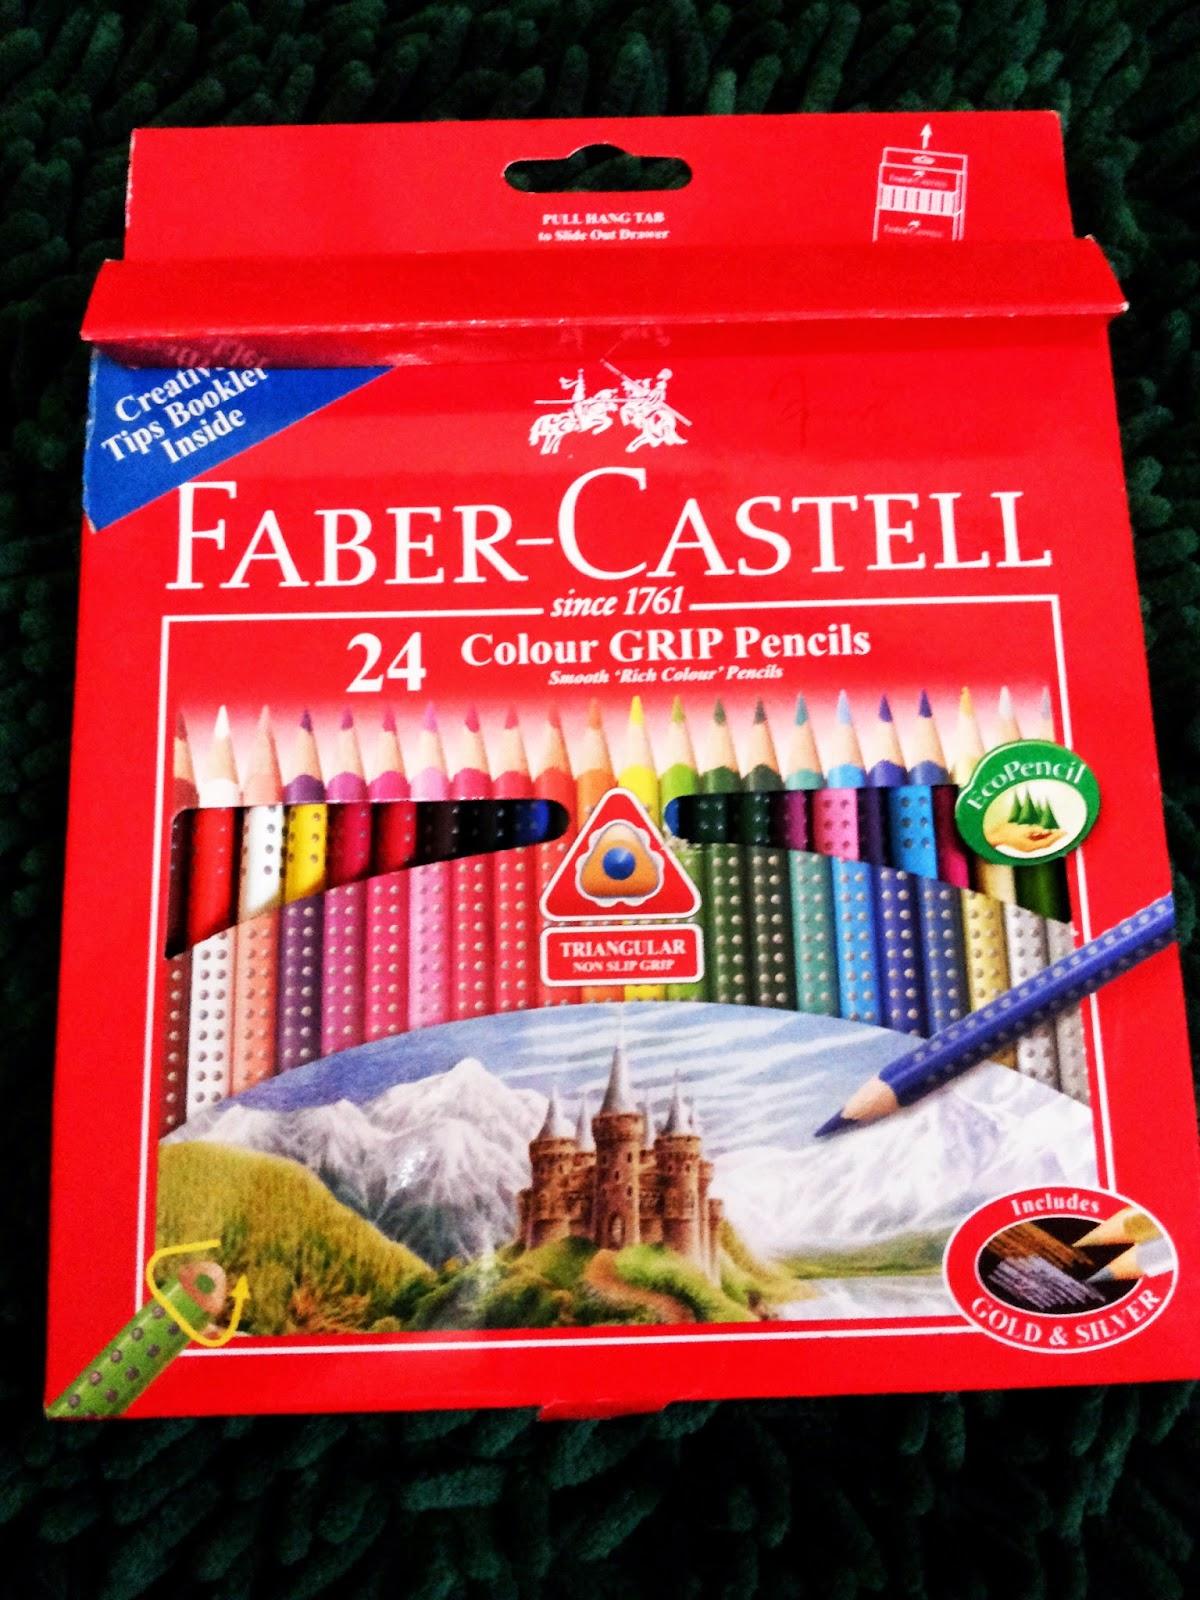 Color Faber Castel Coba mewarnai gambar Inuyasha yang sebenernya Req seseorang Nah itu pakai Pensil warna Faber Castel yang harganya 60rb an